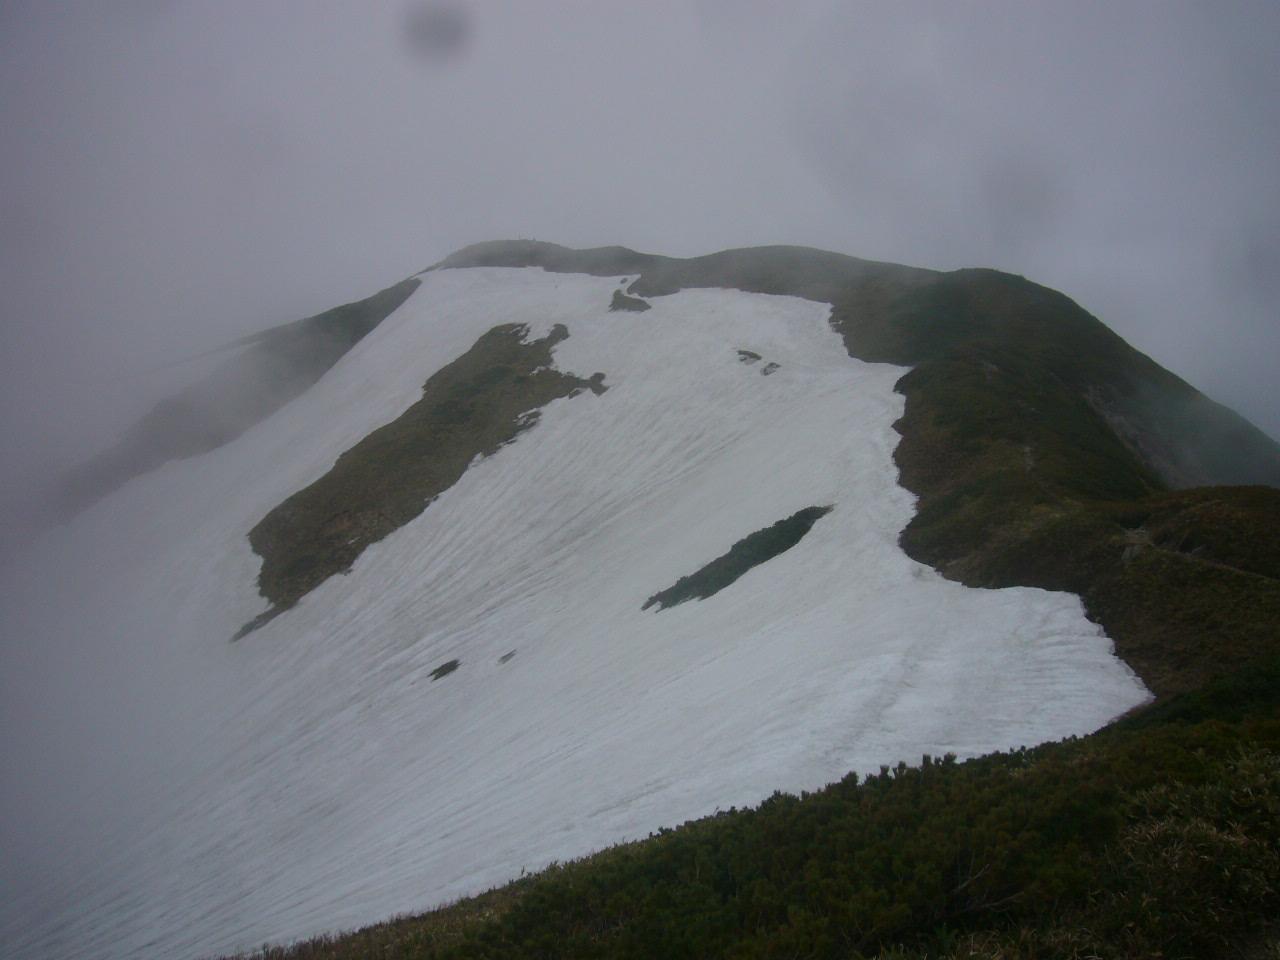 御舎利岳から別山への稜線 H28.5.28